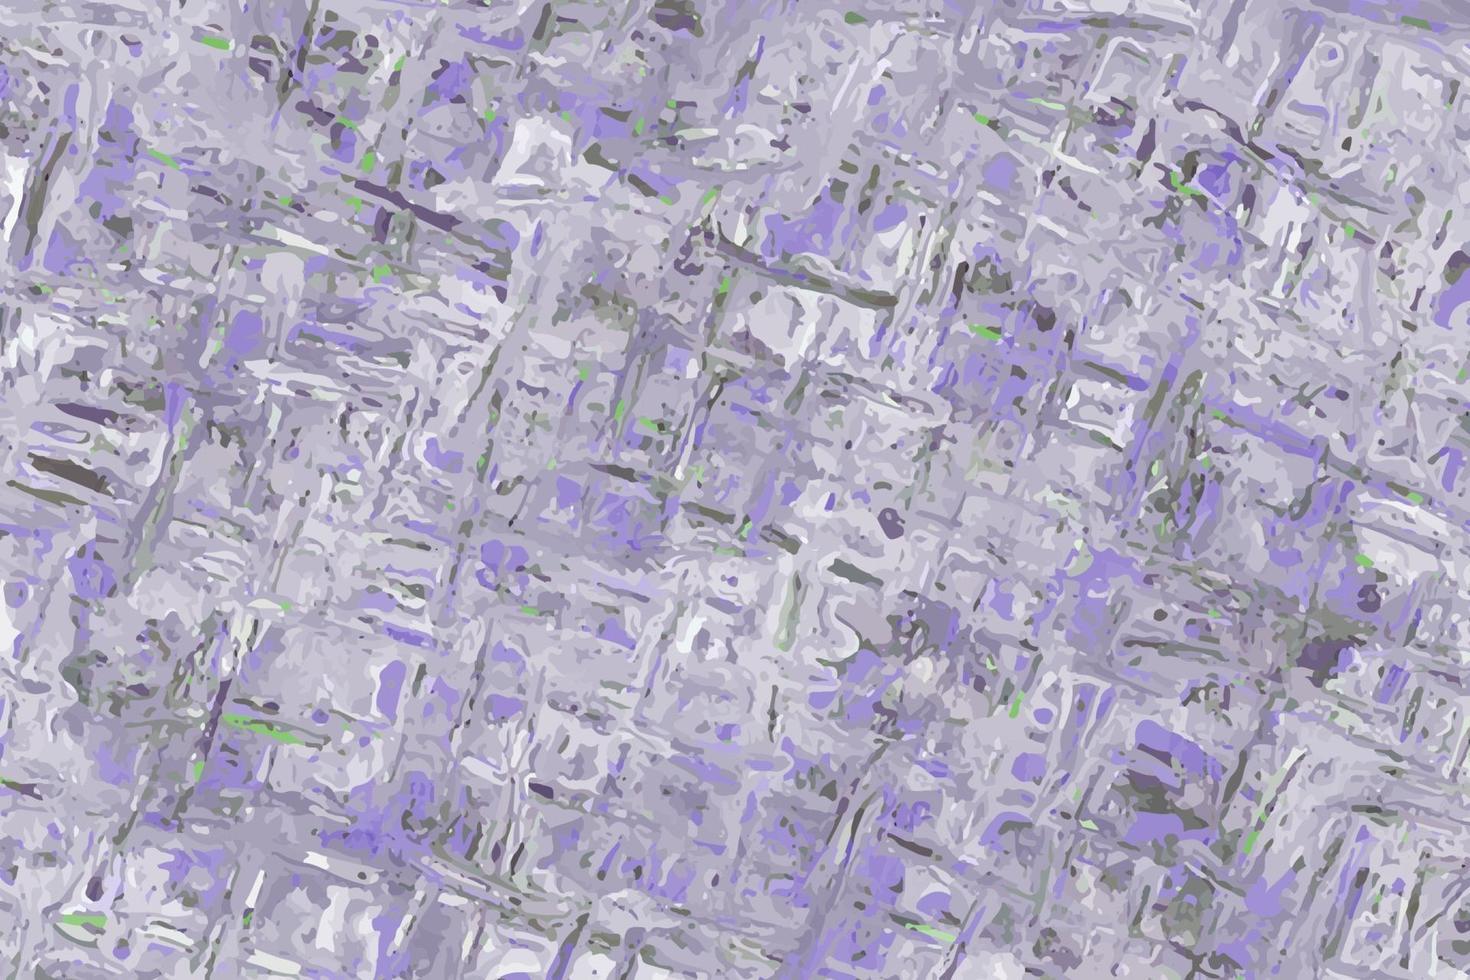 abstrakter lila und grauer Aquarellvektorhintergrund vektor